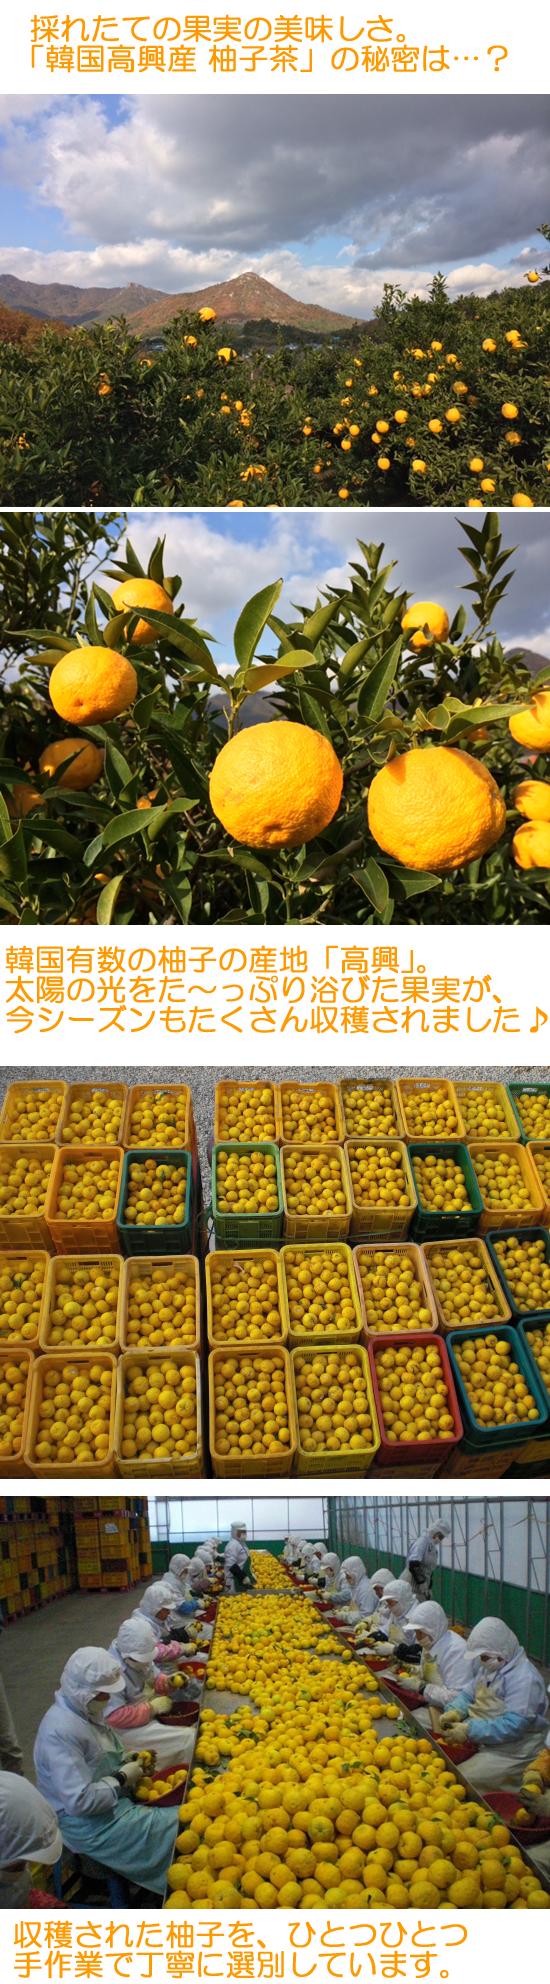 ジーエムピー韓国高興産柚子茶は新鮮な果実で作られます。